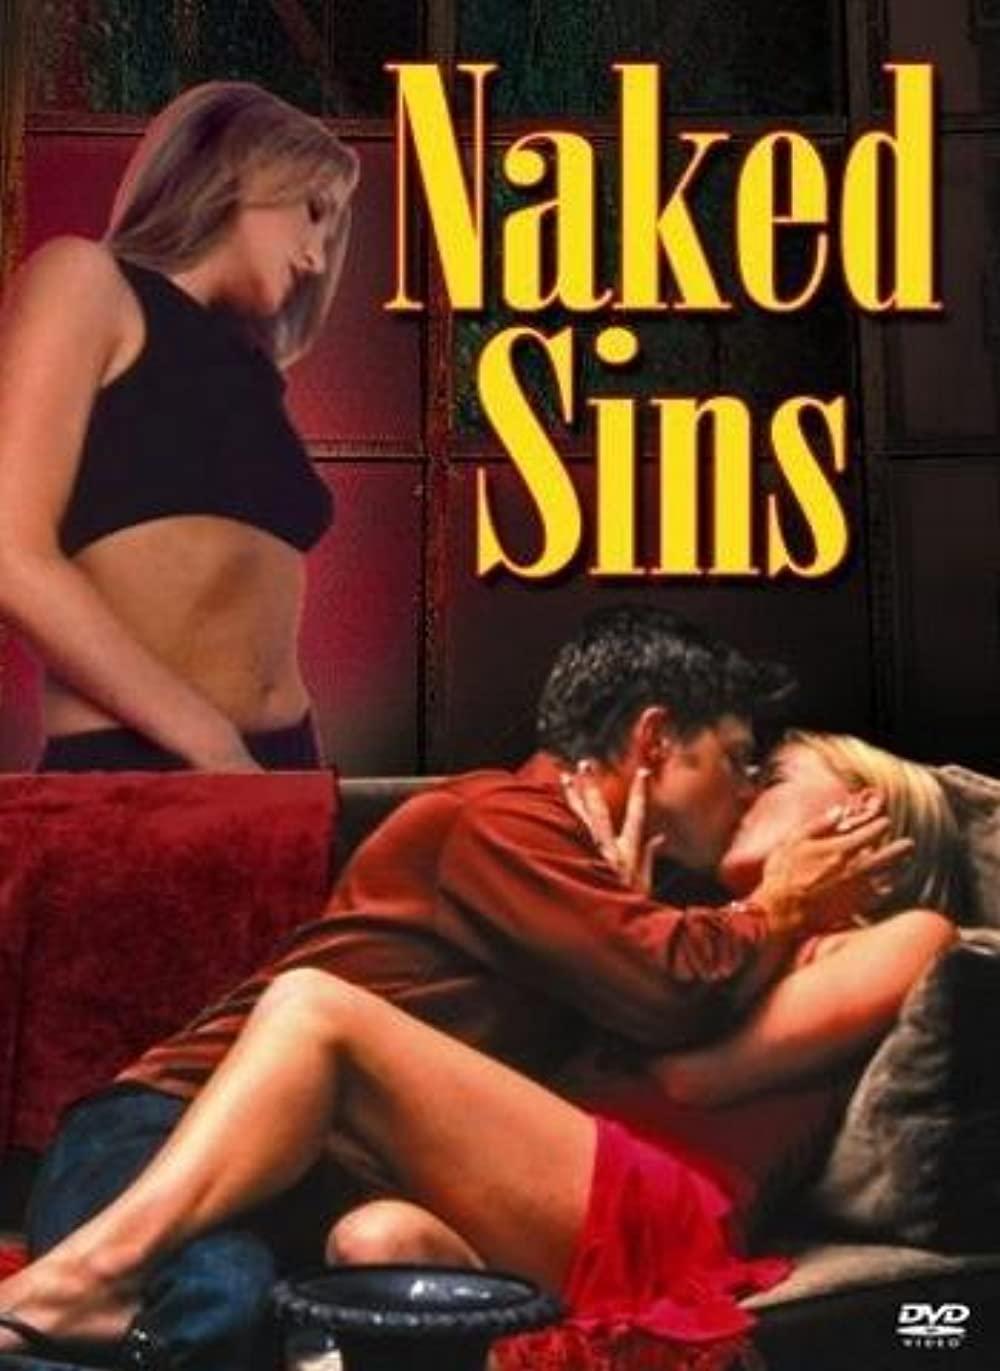 Naked Sins